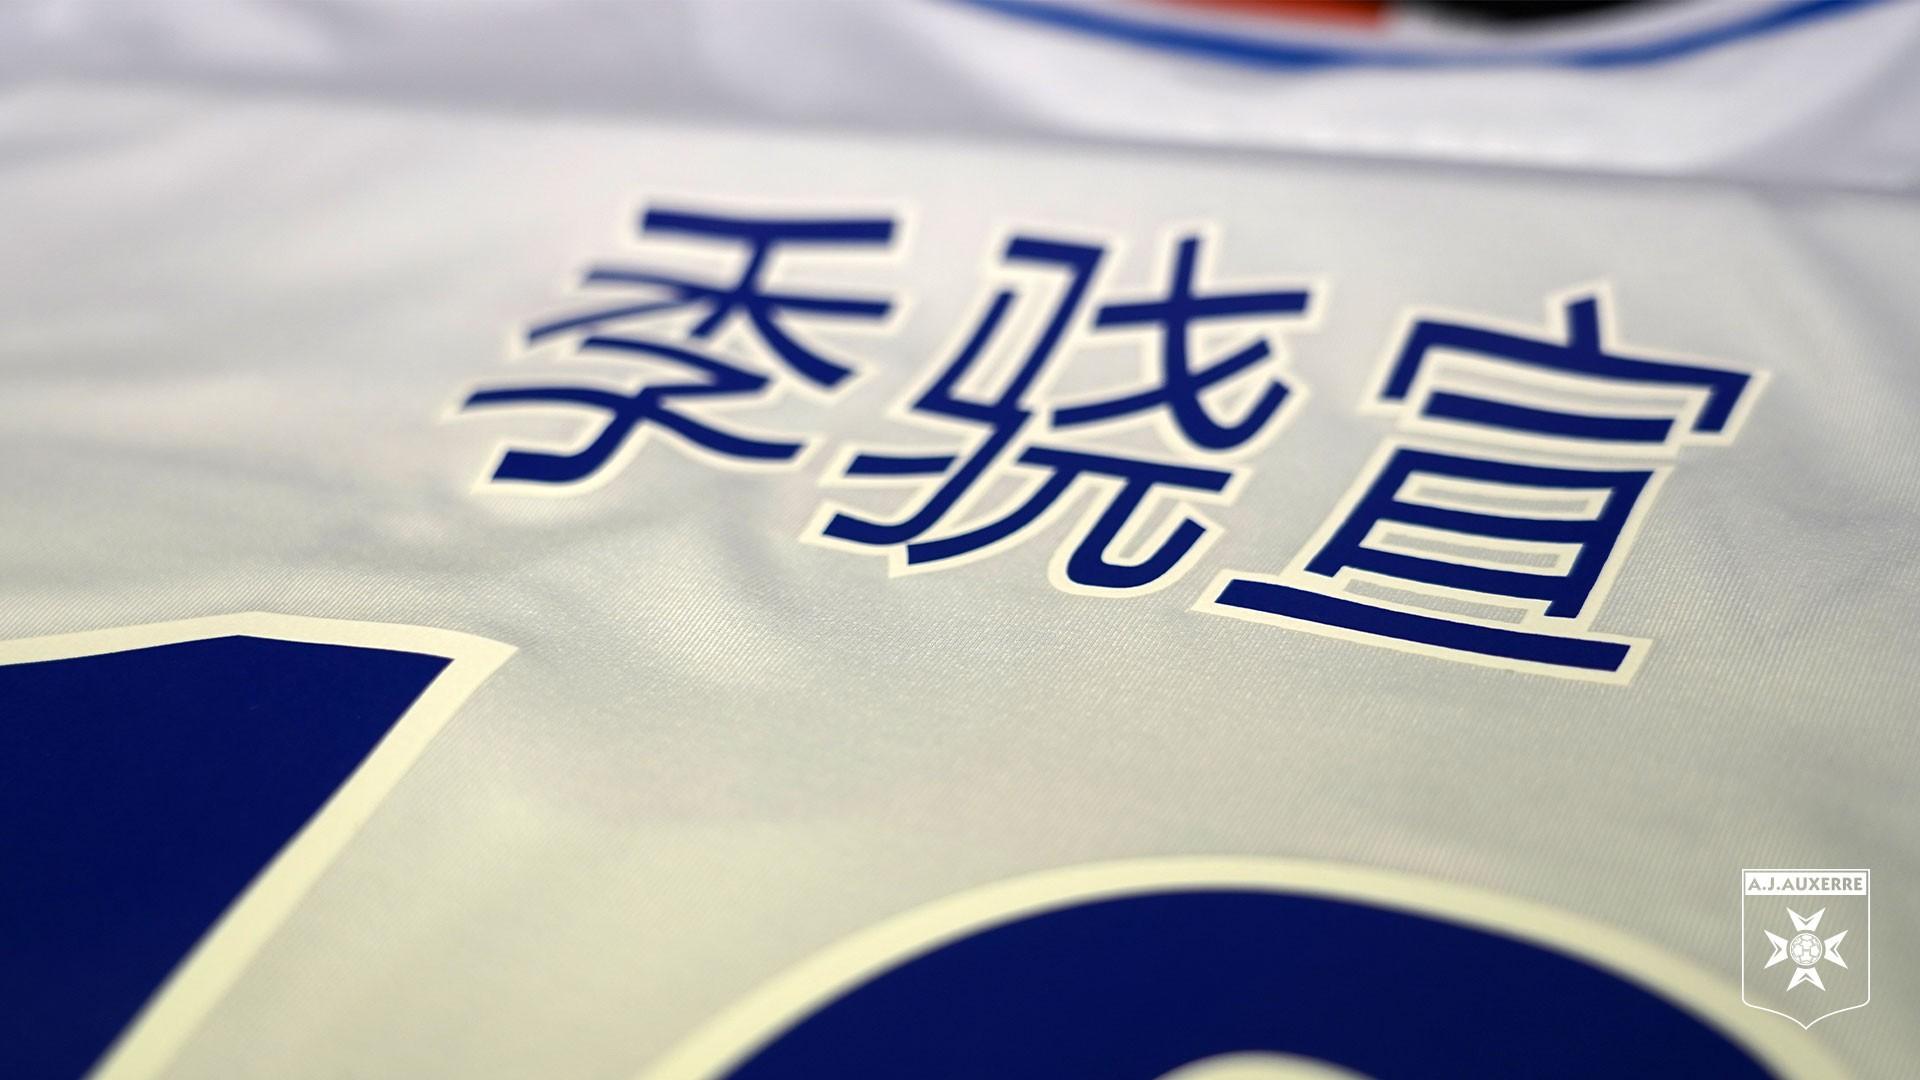 季骁宣所在欧塞尔队穿着庆中国新